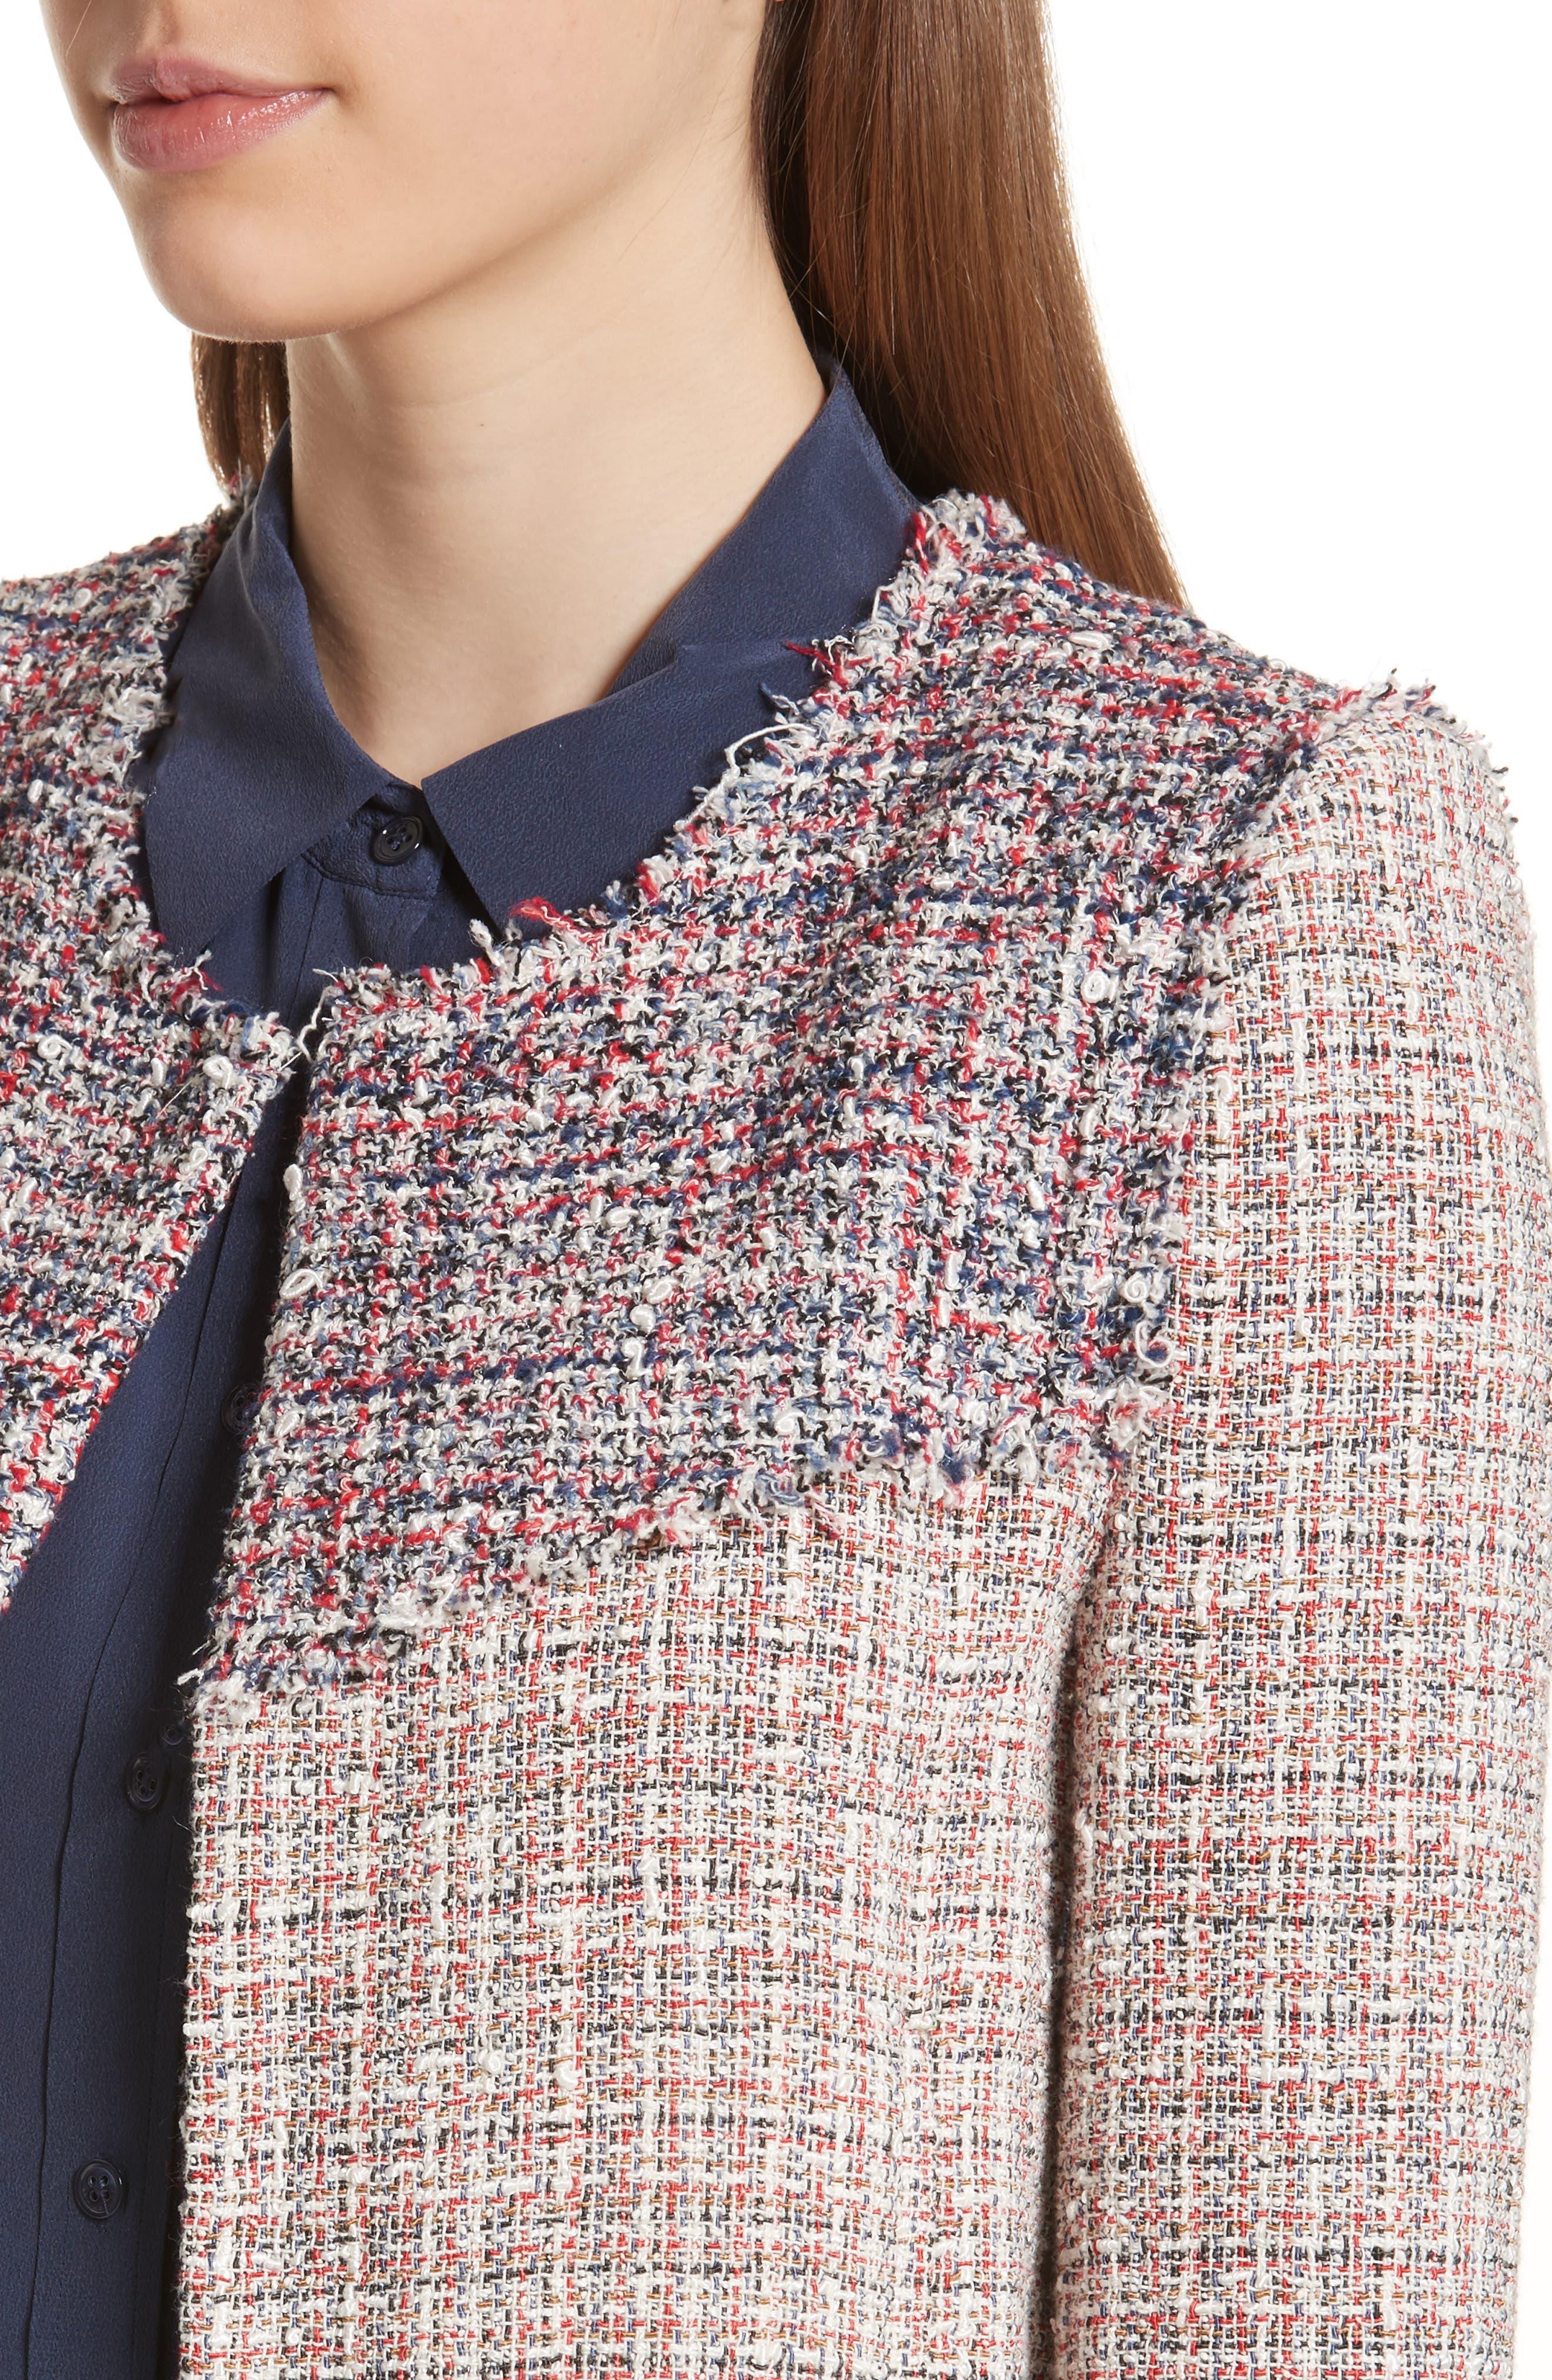 Walefa Tweed Jacket,                             Alternate thumbnail 4, color,                             651